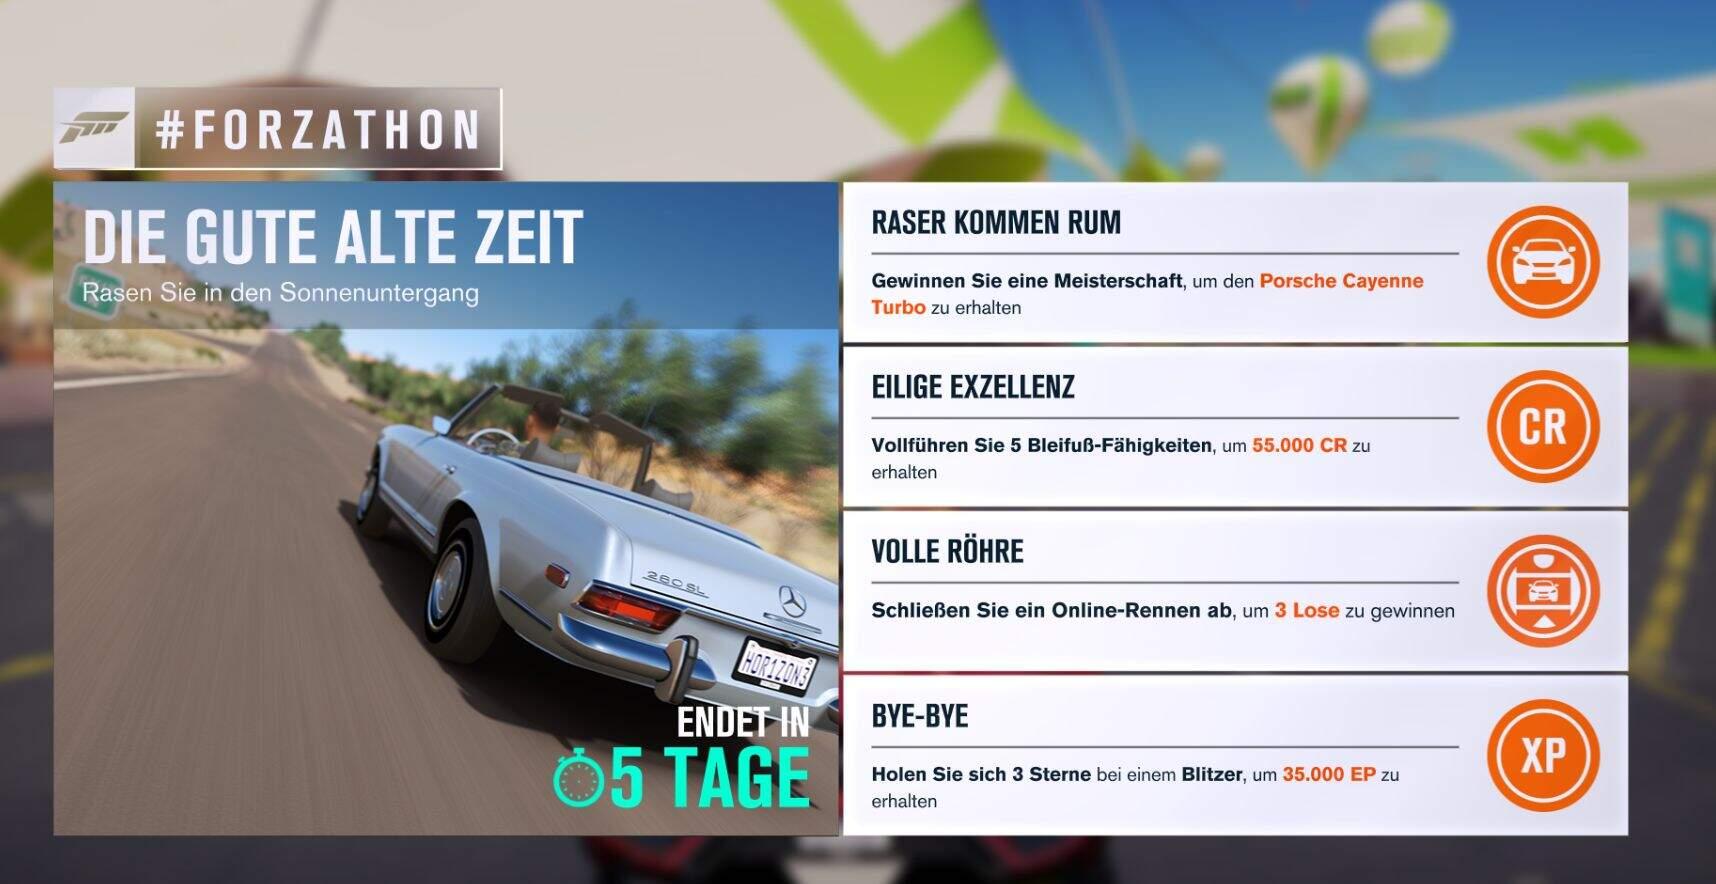 Forza Horizon 3 #Forzathon Guide KW 04 – Die gute alte Zeit